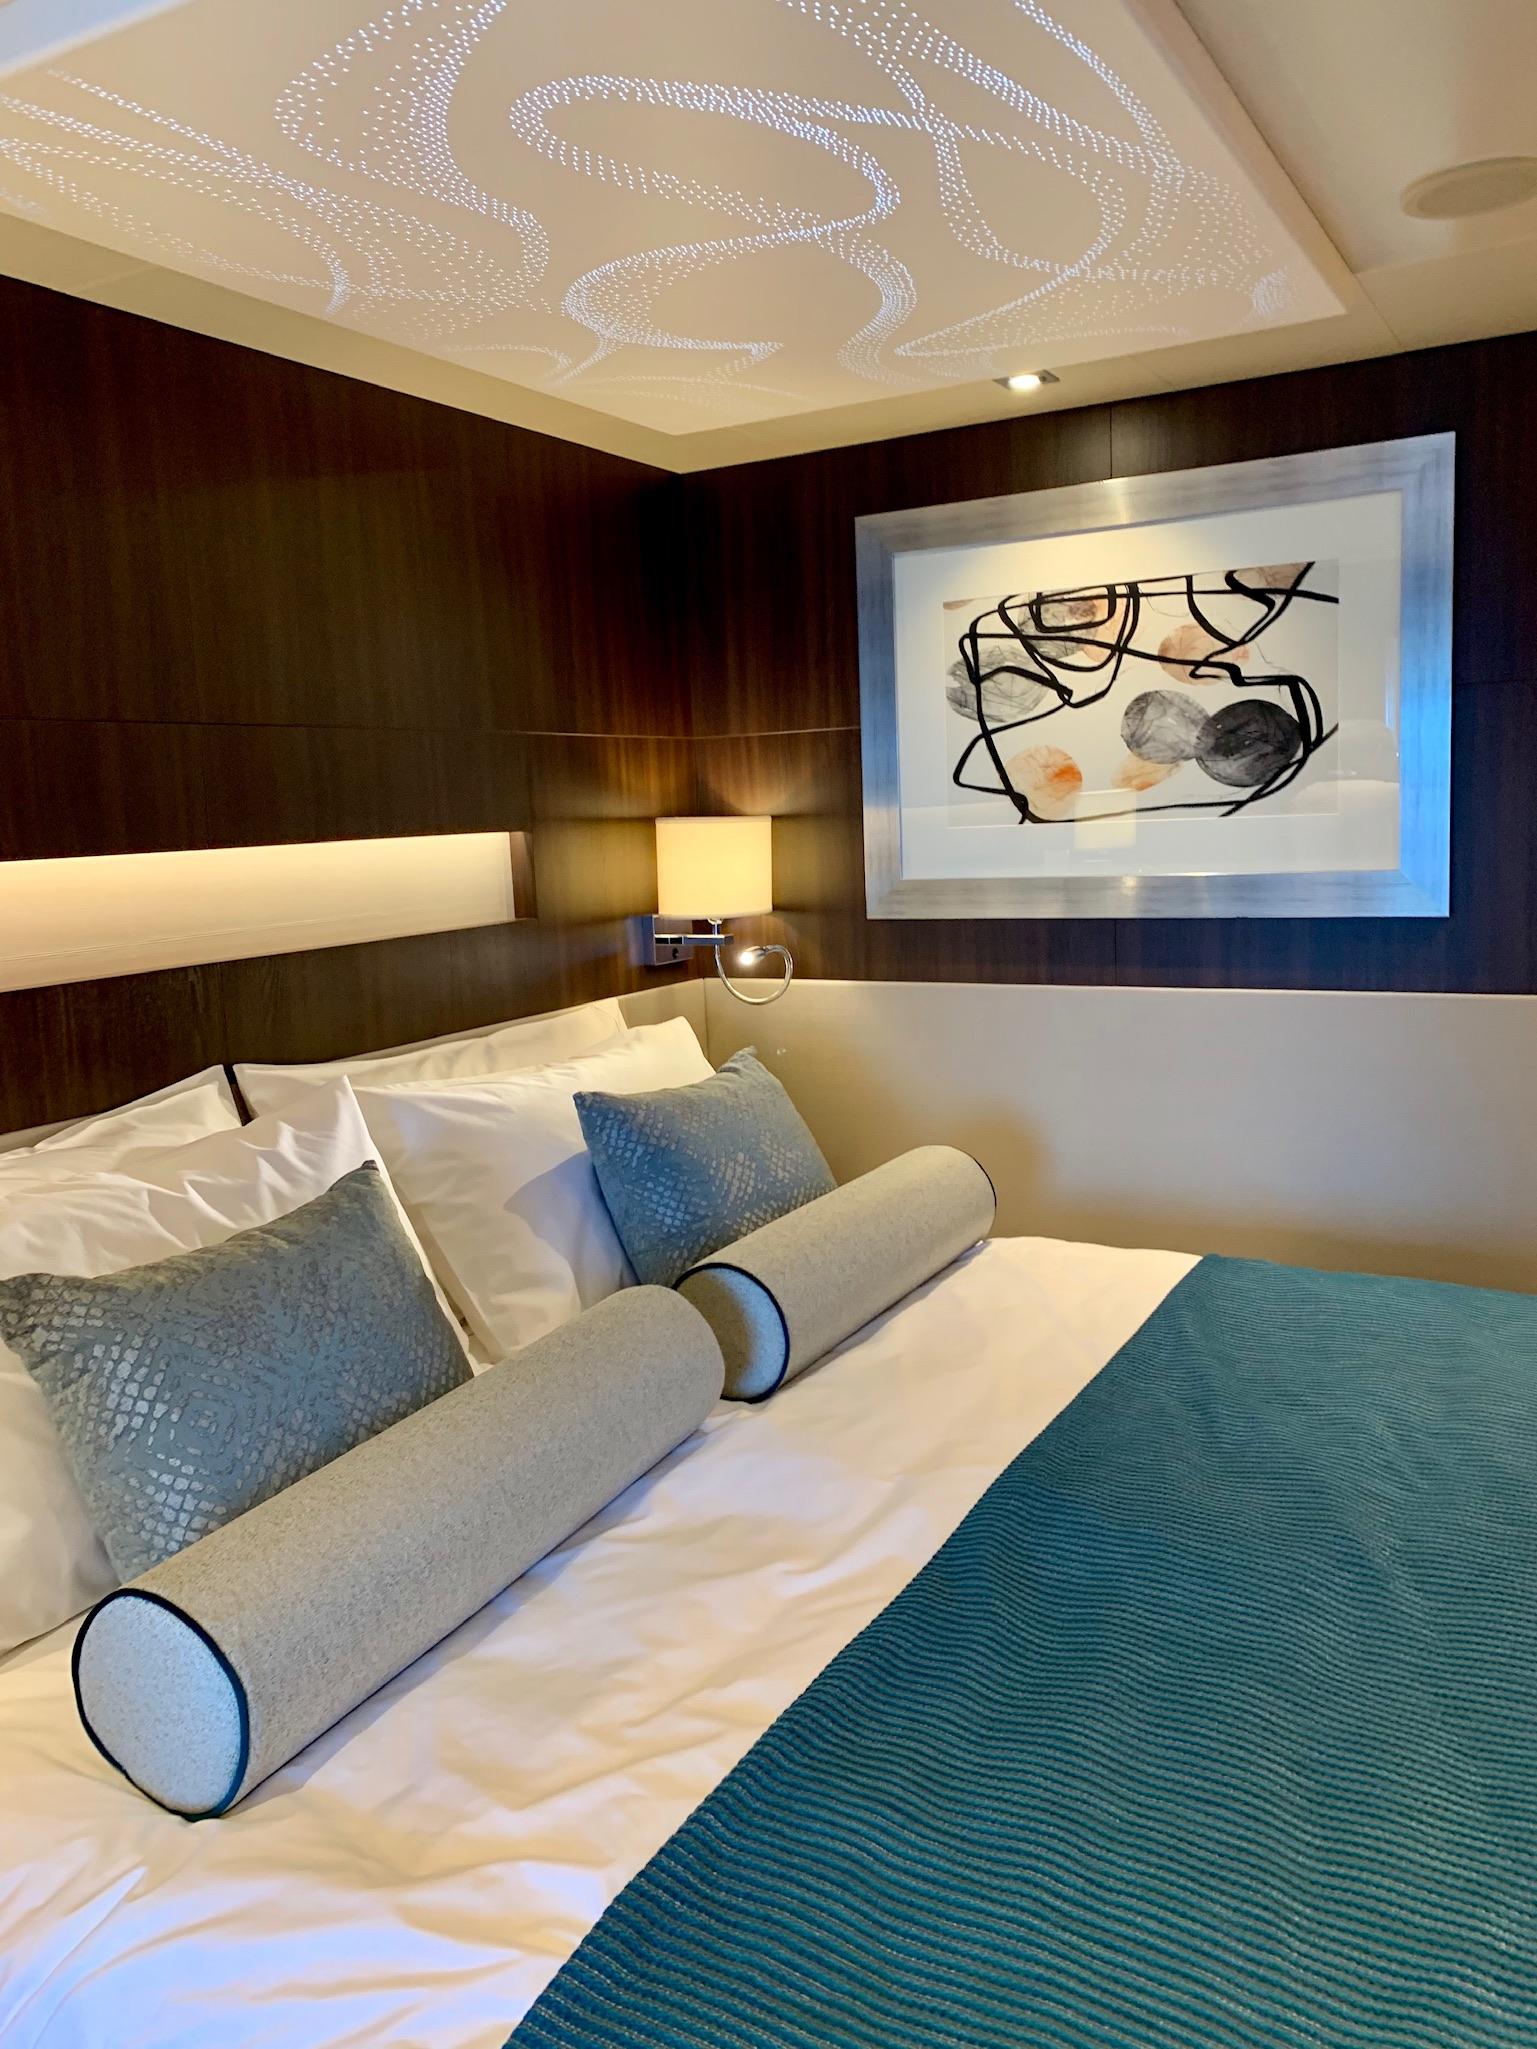 NCL Joy - Rooms - Haven 2 BR Family Villa Master BR 2.jpg